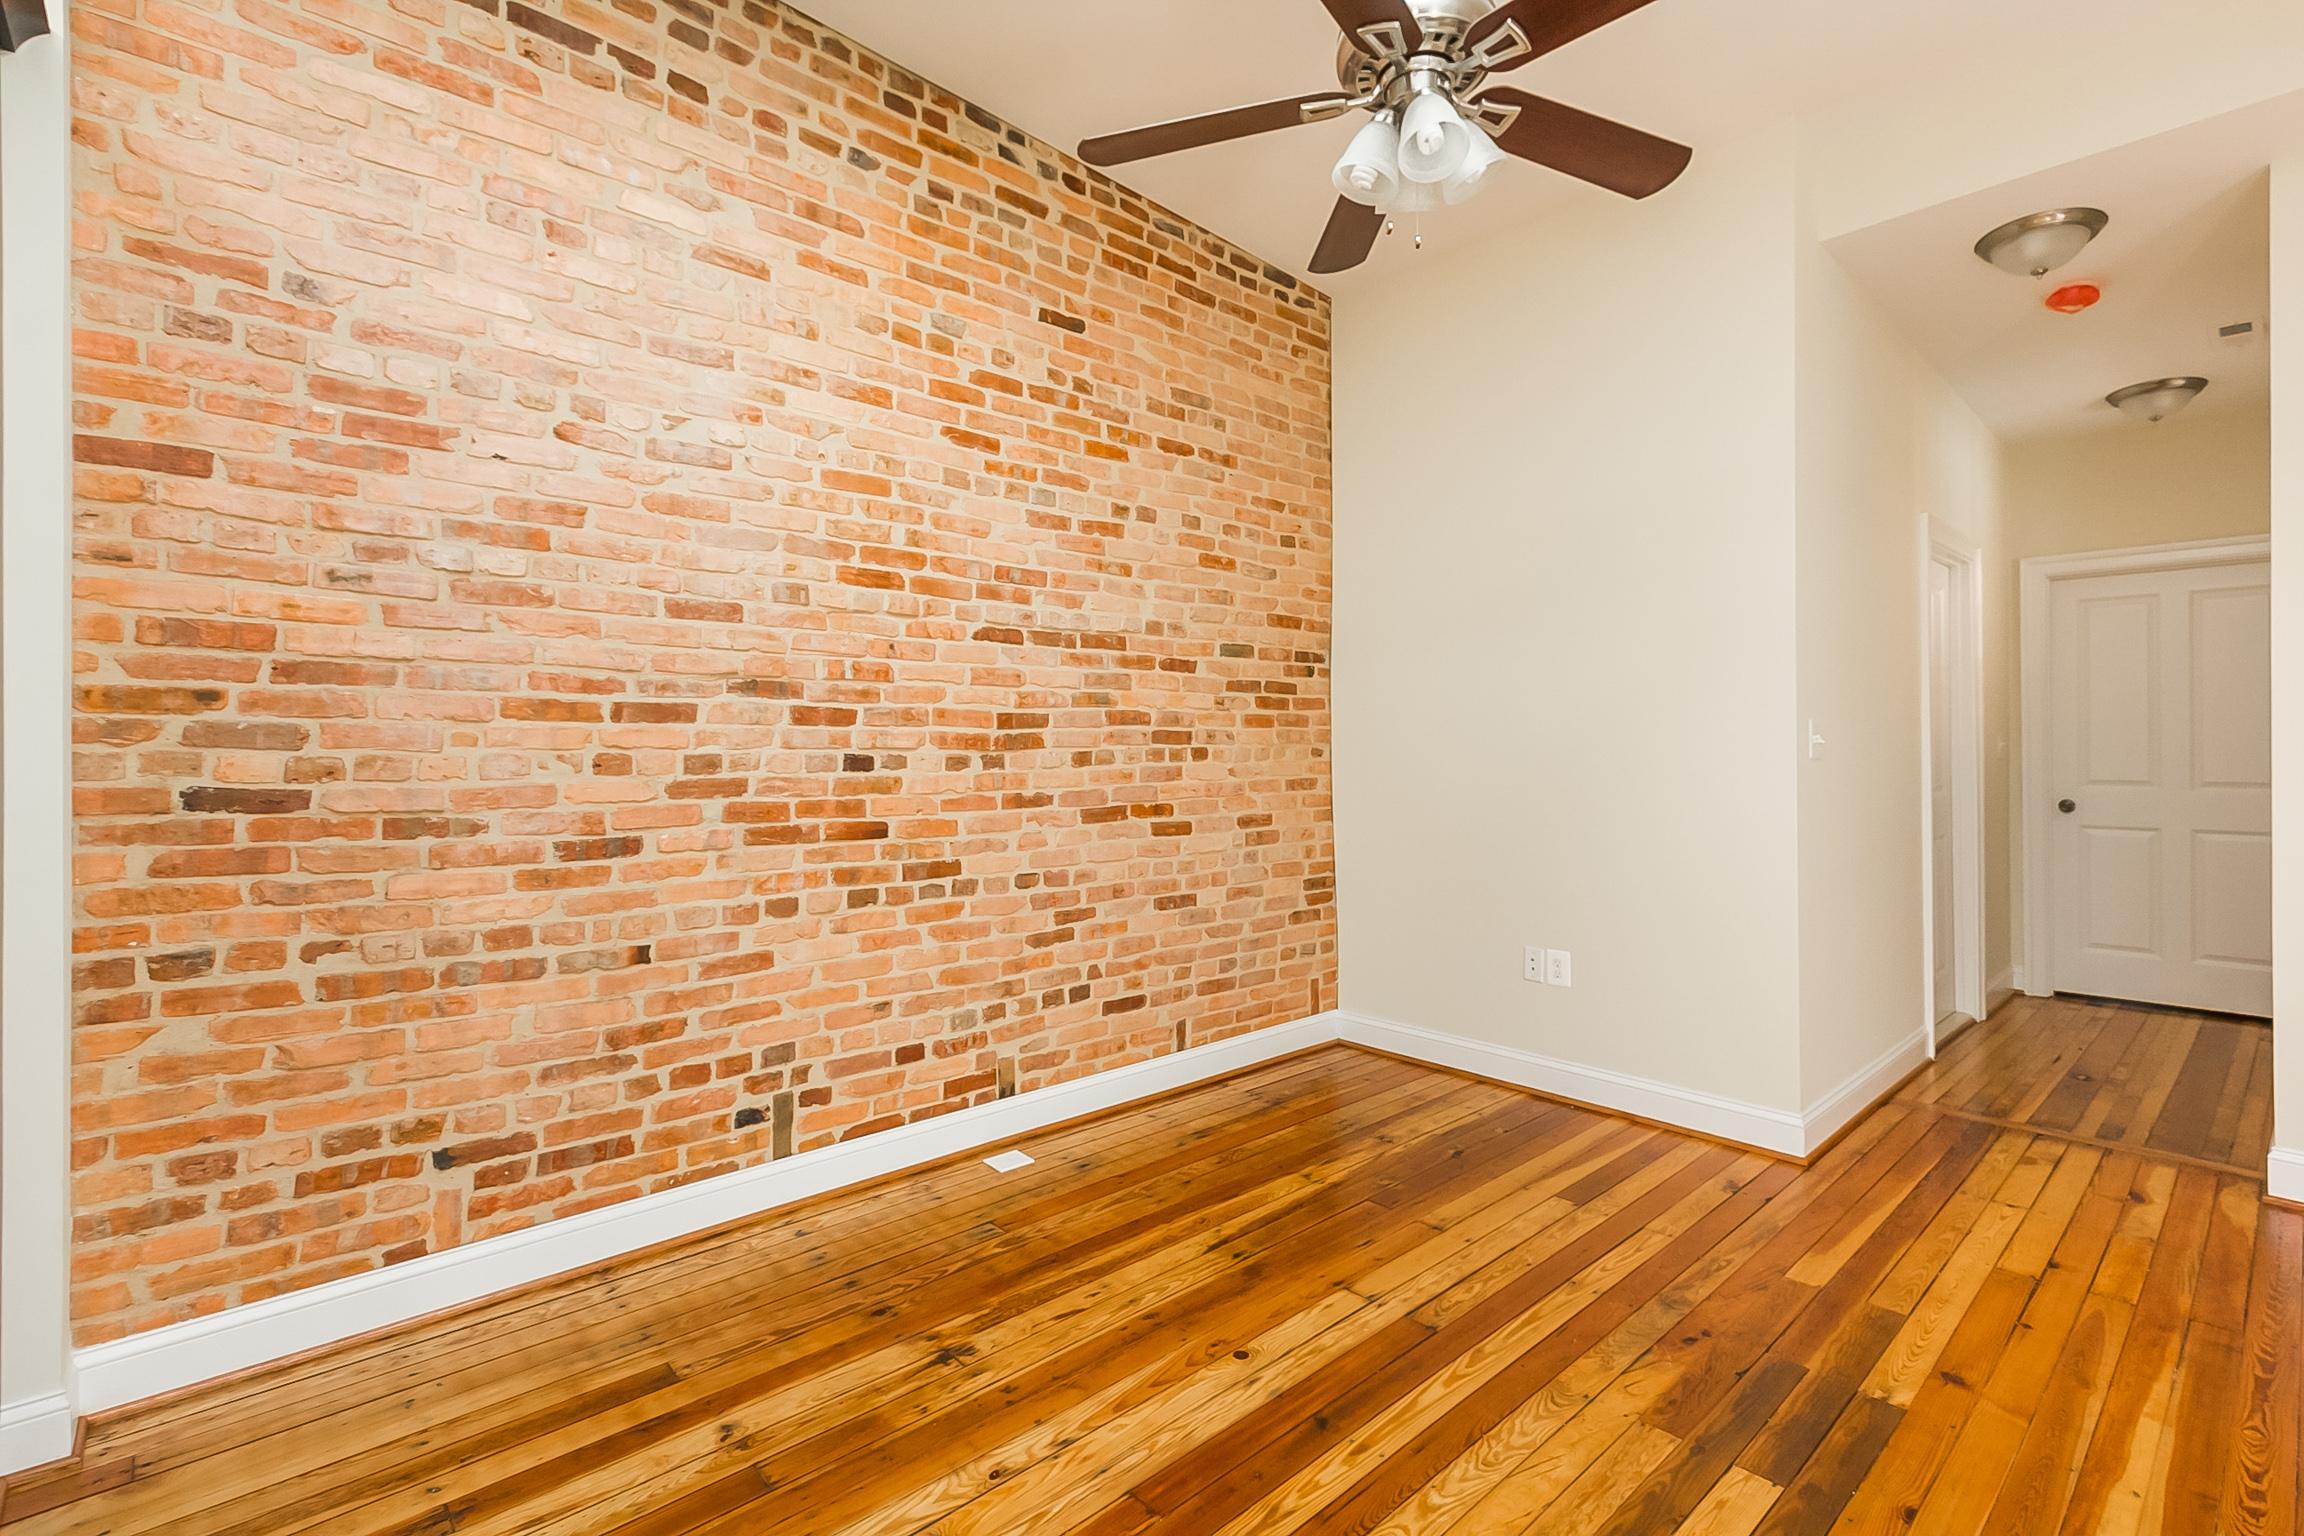 2 Bedroom Apartments In Phoenix 221e25thst 57 Urban Phoenix Properties